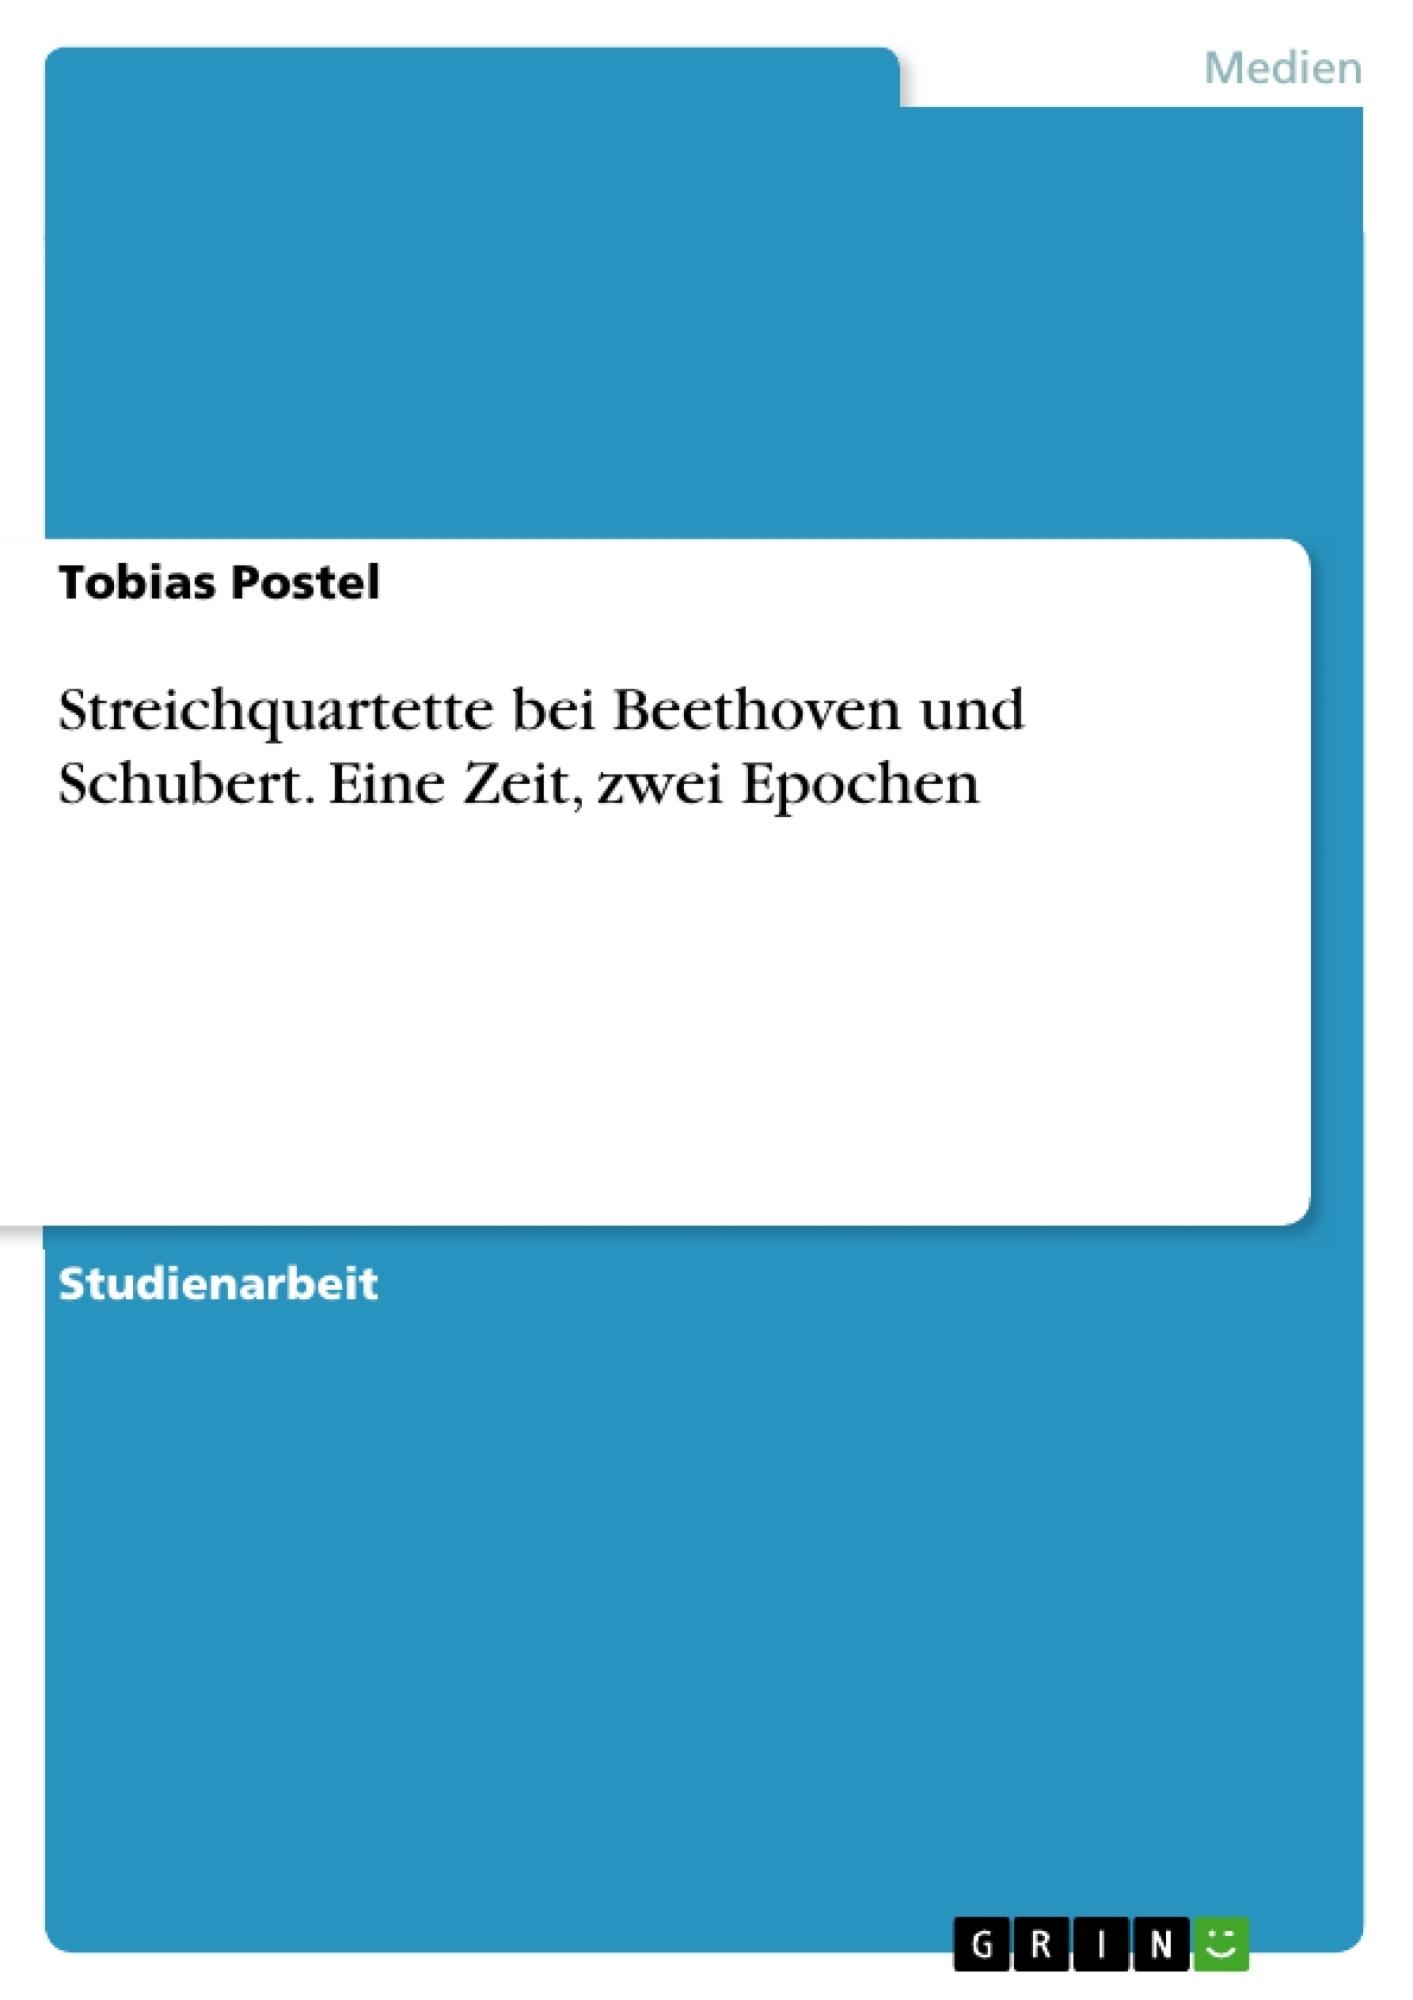 Titel: Streichquartette bei Beethoven und Schubert. Eine Zeit, zwei Epochen